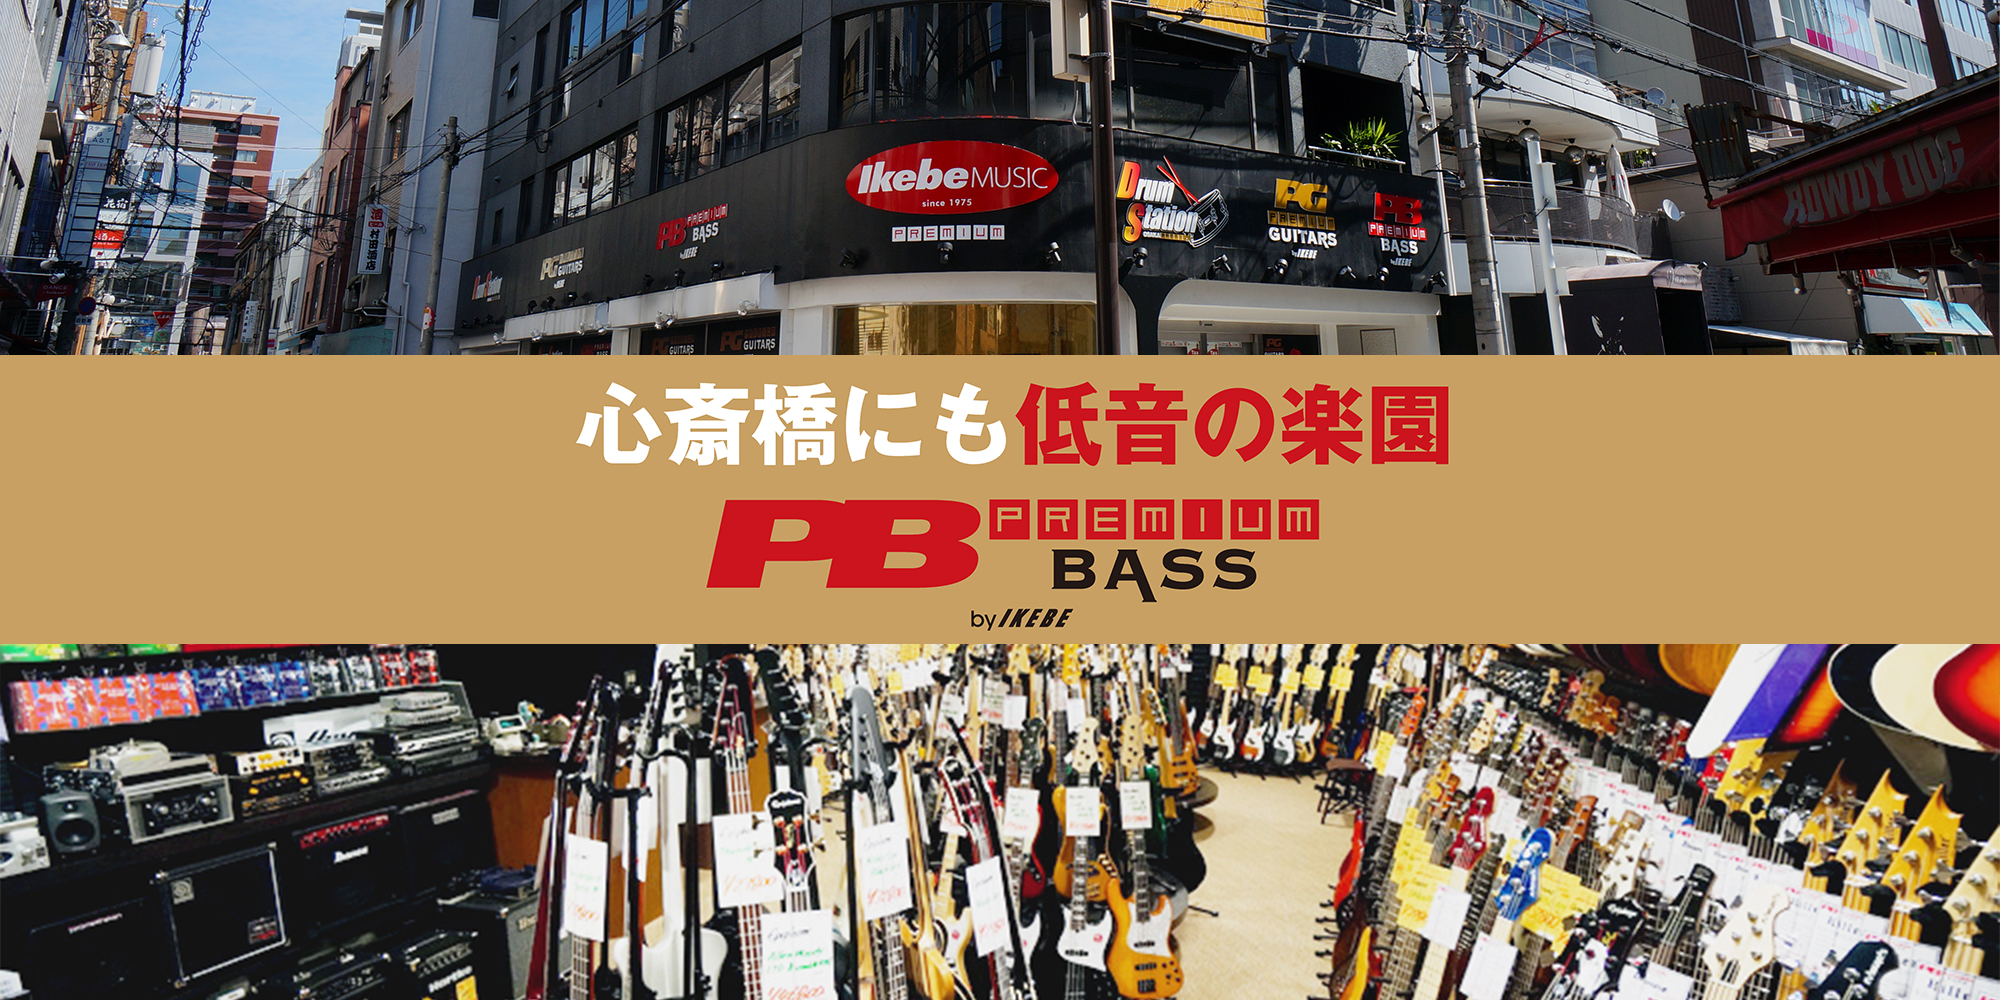 プレミアムベース|プロ御用達!ベース&関連商品専門店!